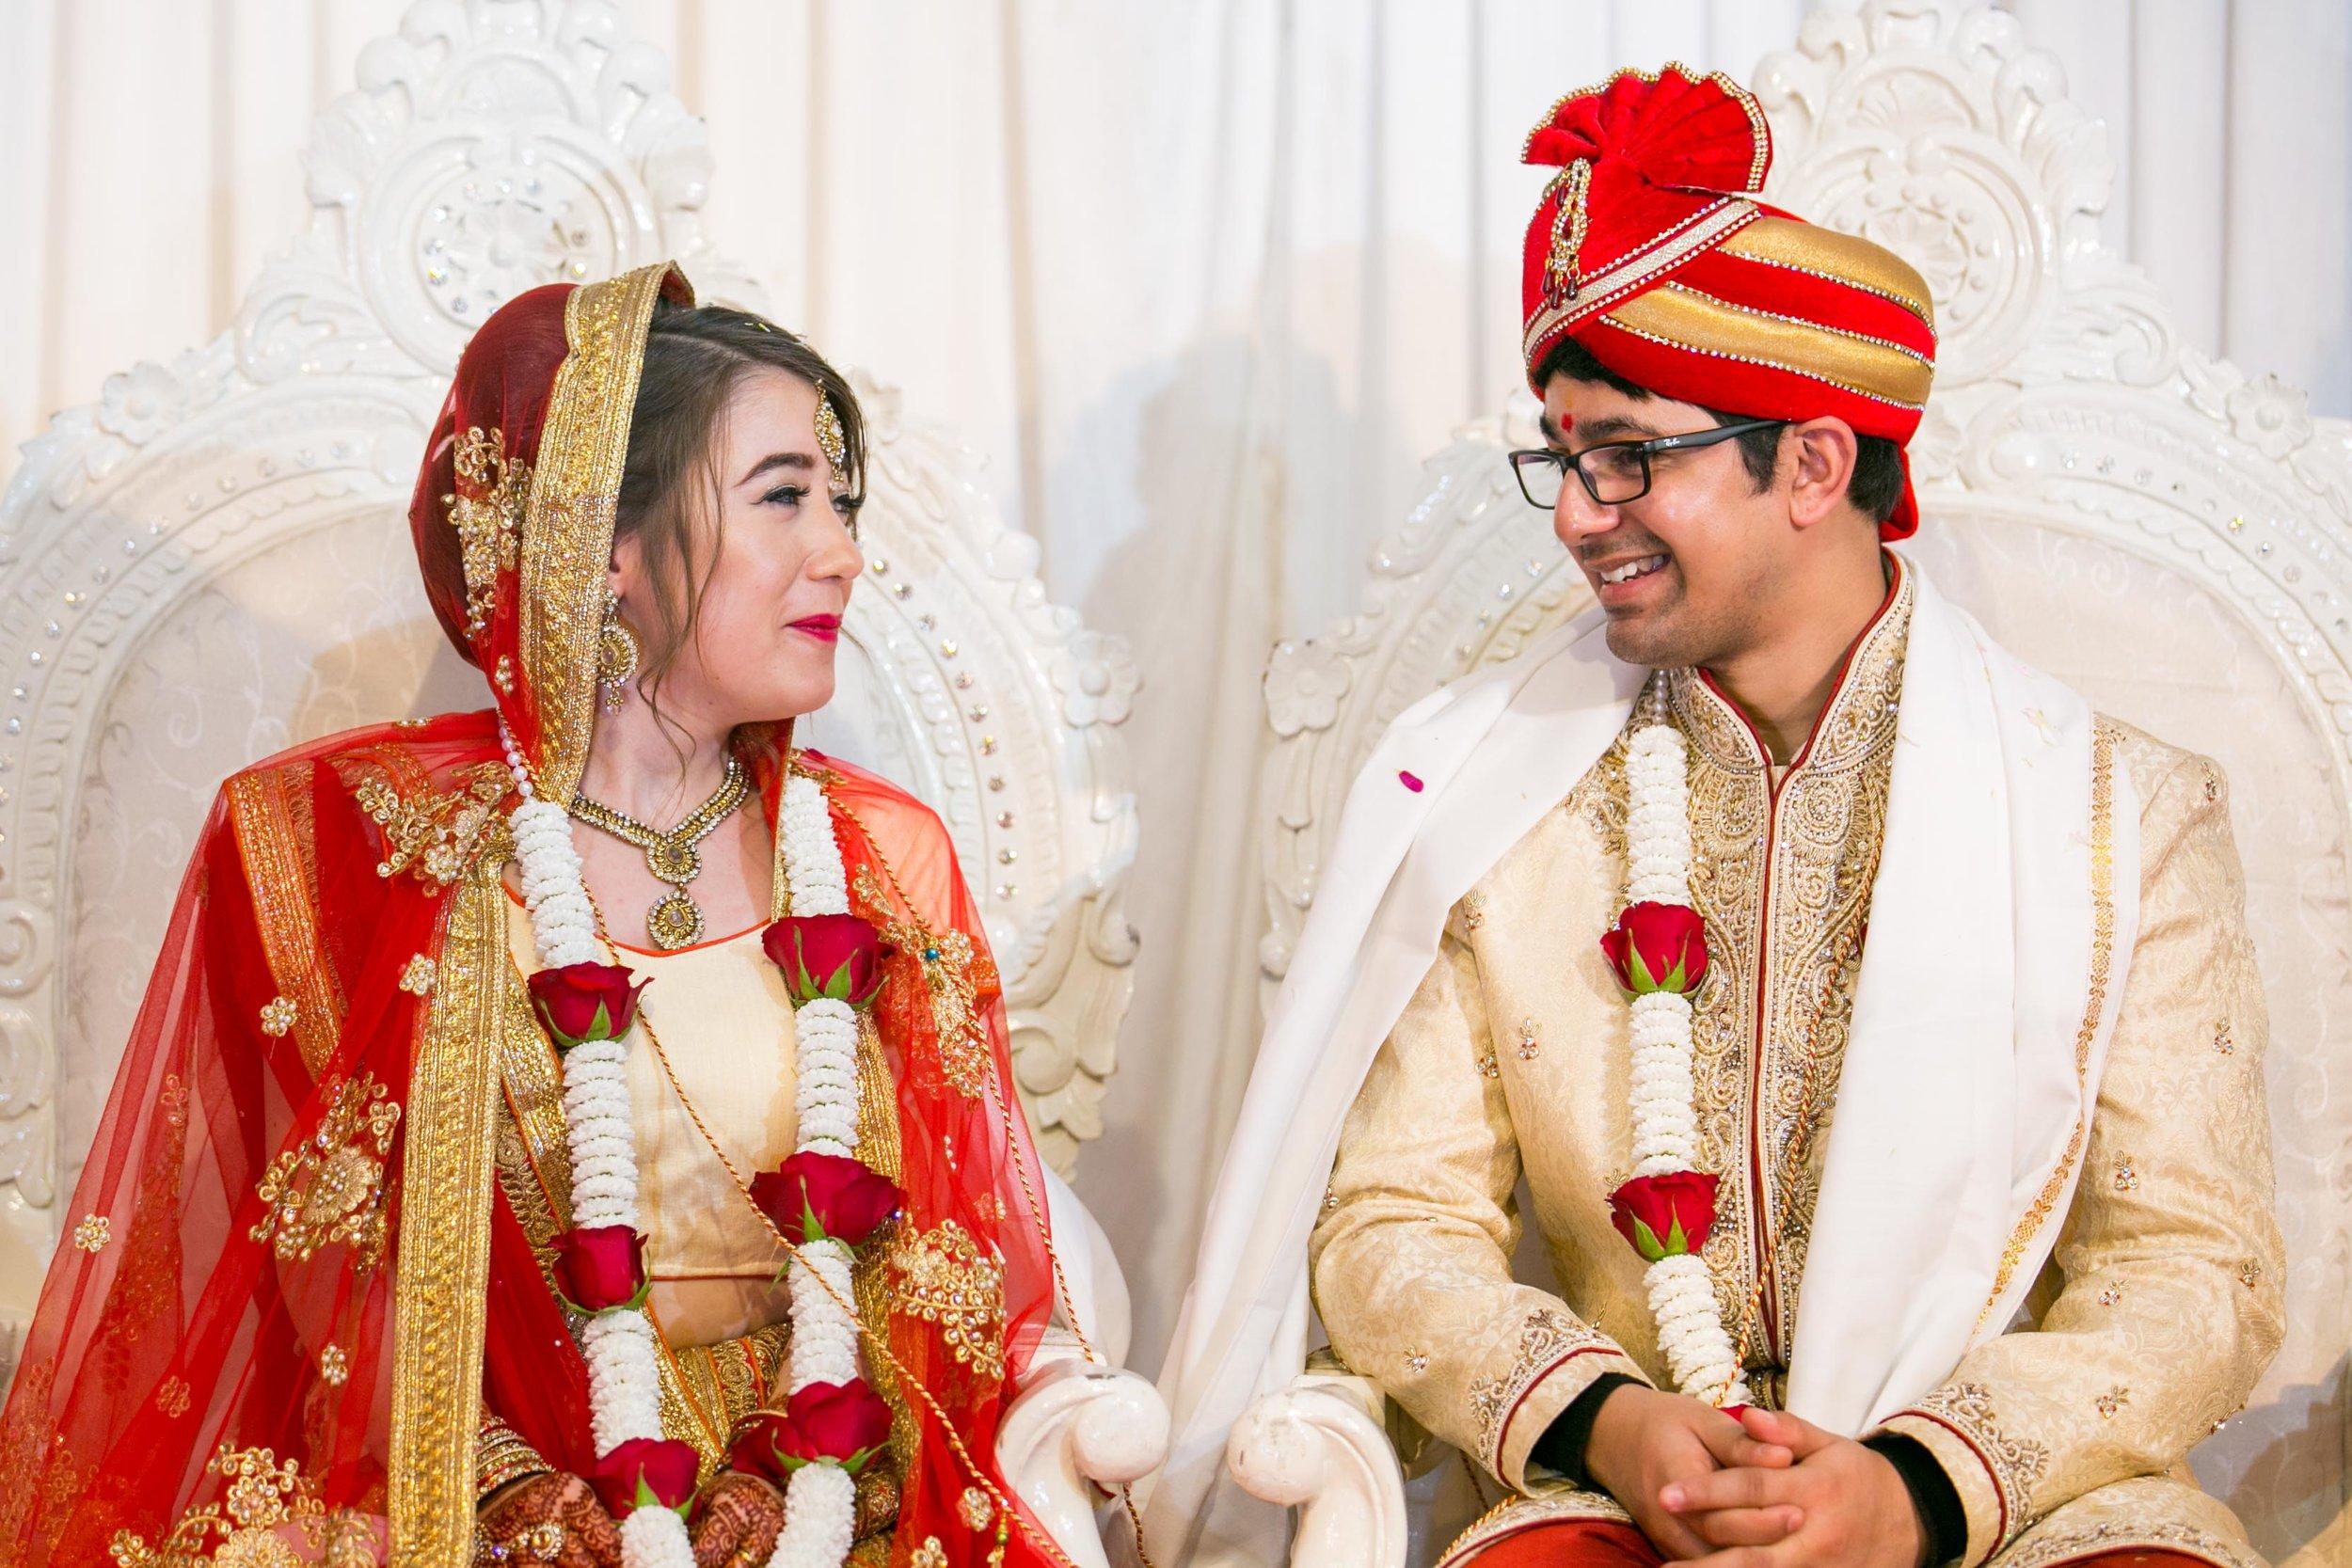 asian-Hindu-wedding-photographer-birmingham-abbey-park-leicester-natalia-smith-photography-39.jpg